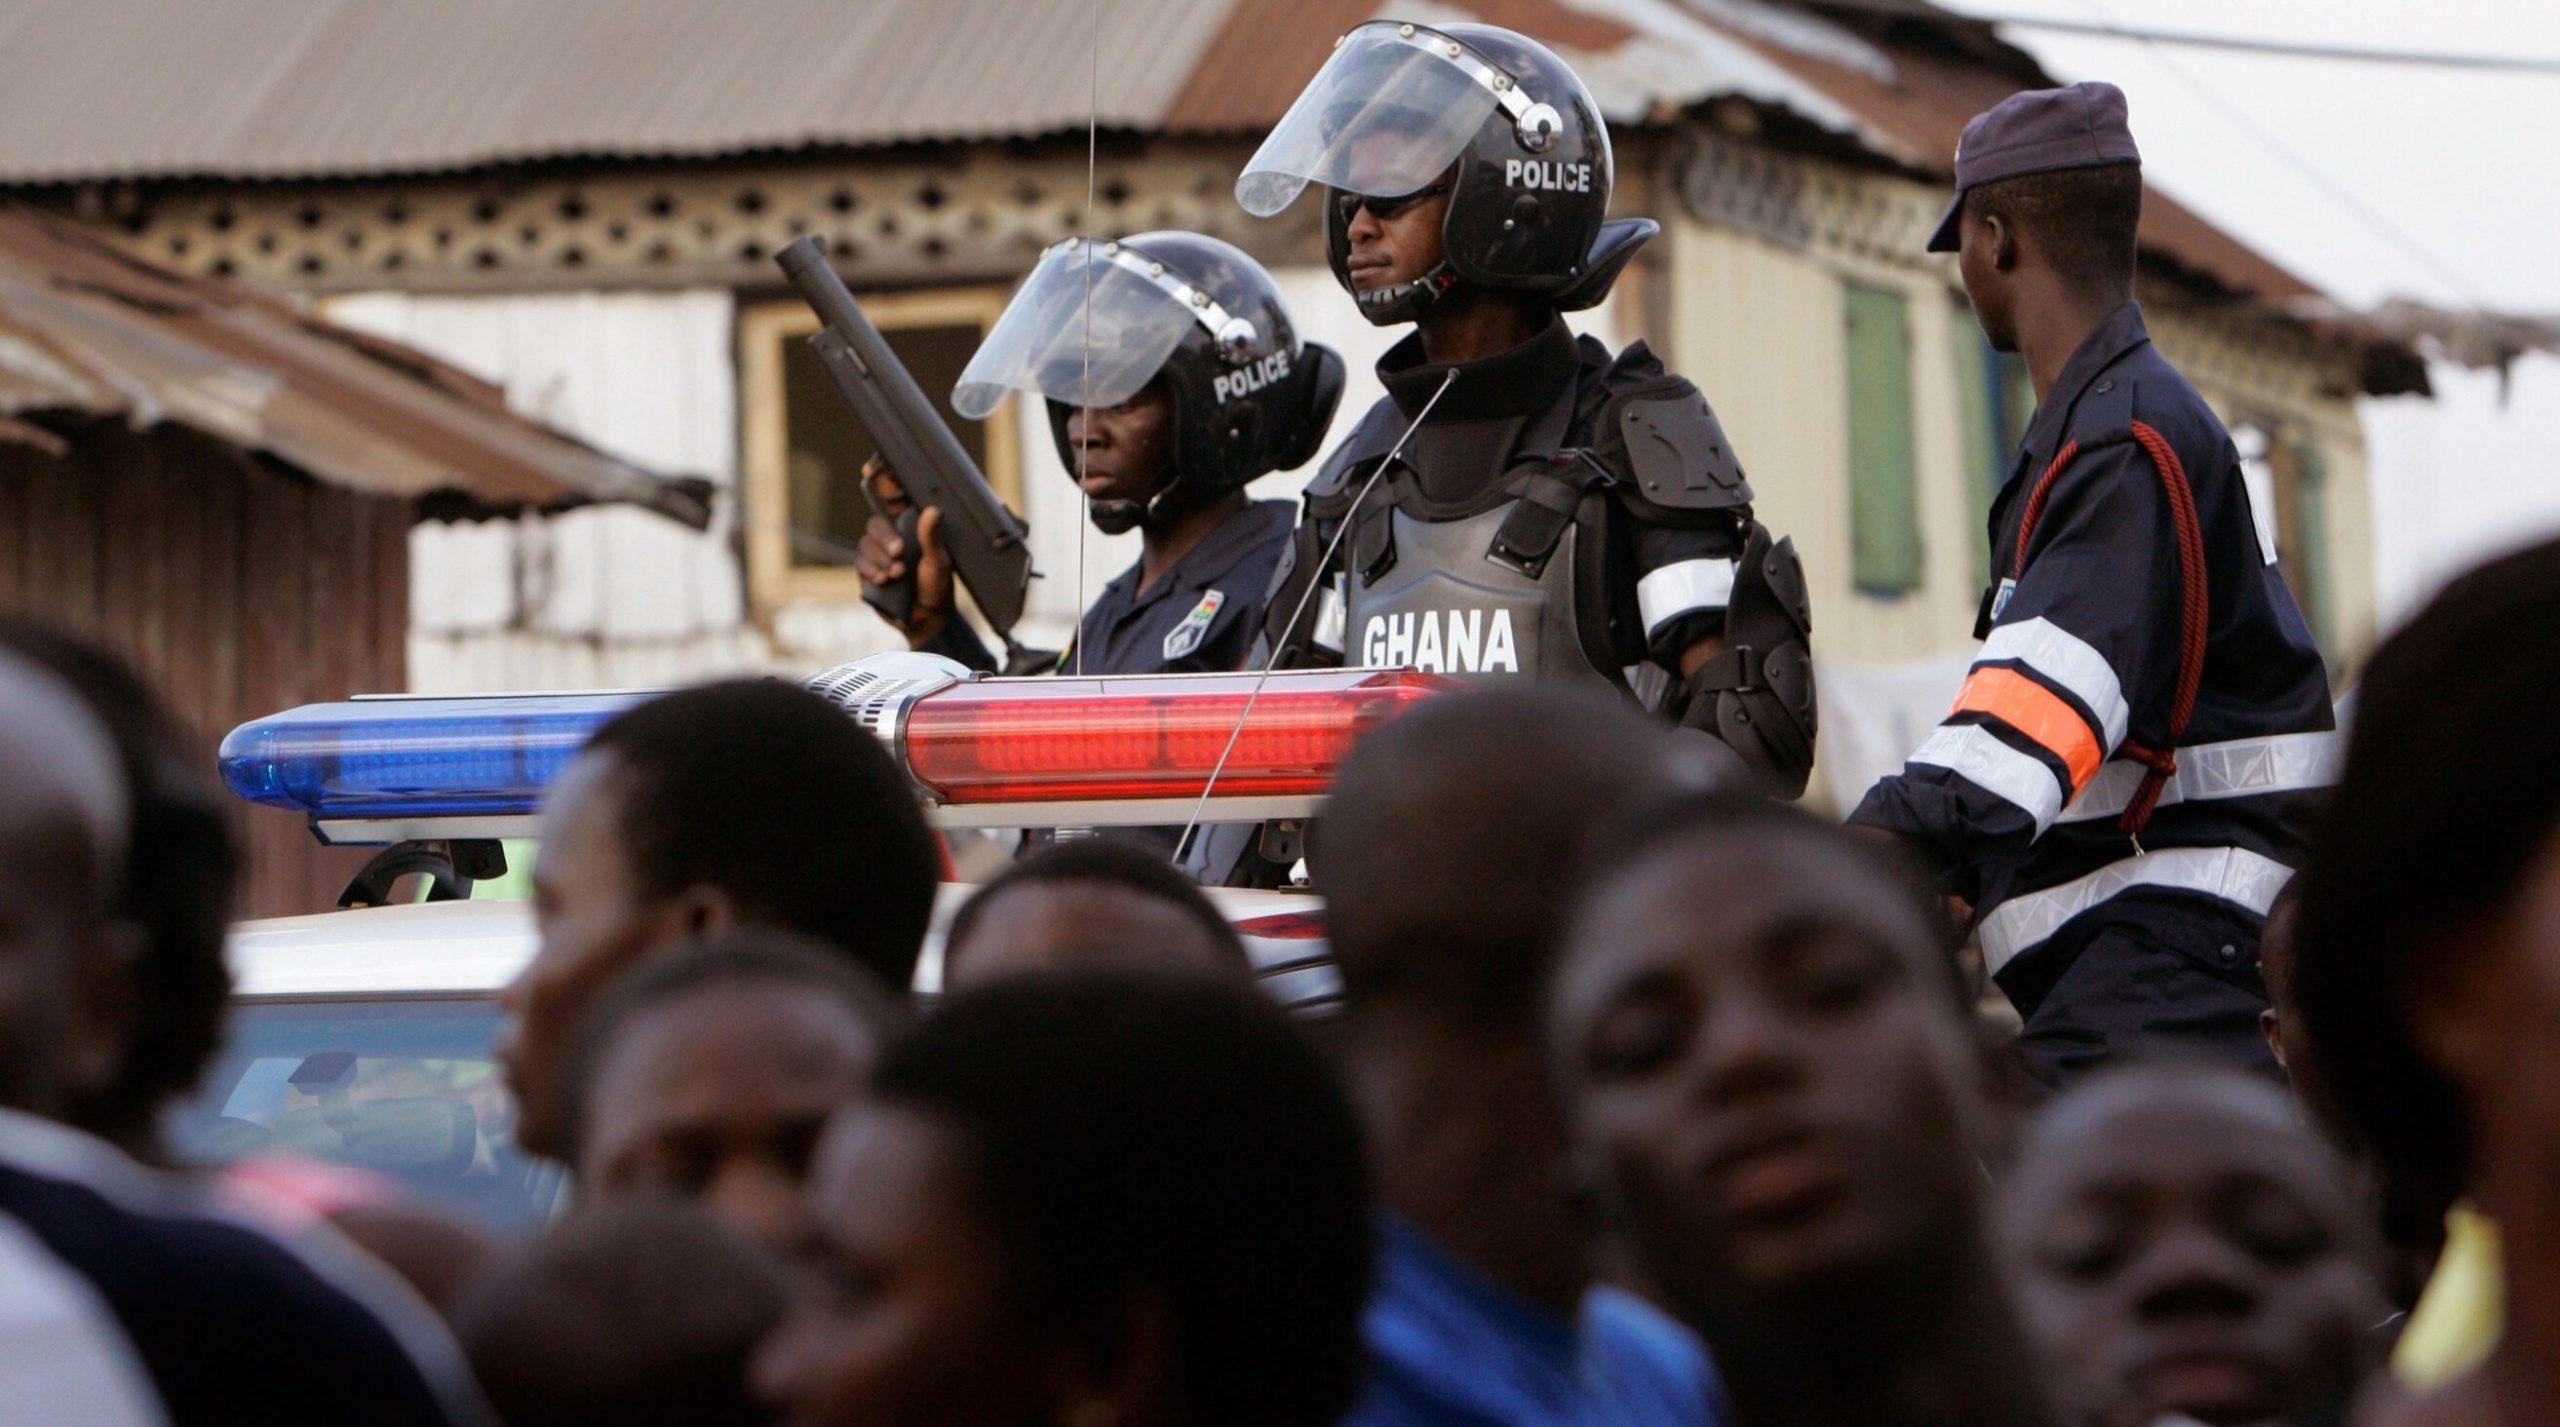 Ghana| Un proiect de lege prevede 10 ani de închisoare pentru persoanele LGBT